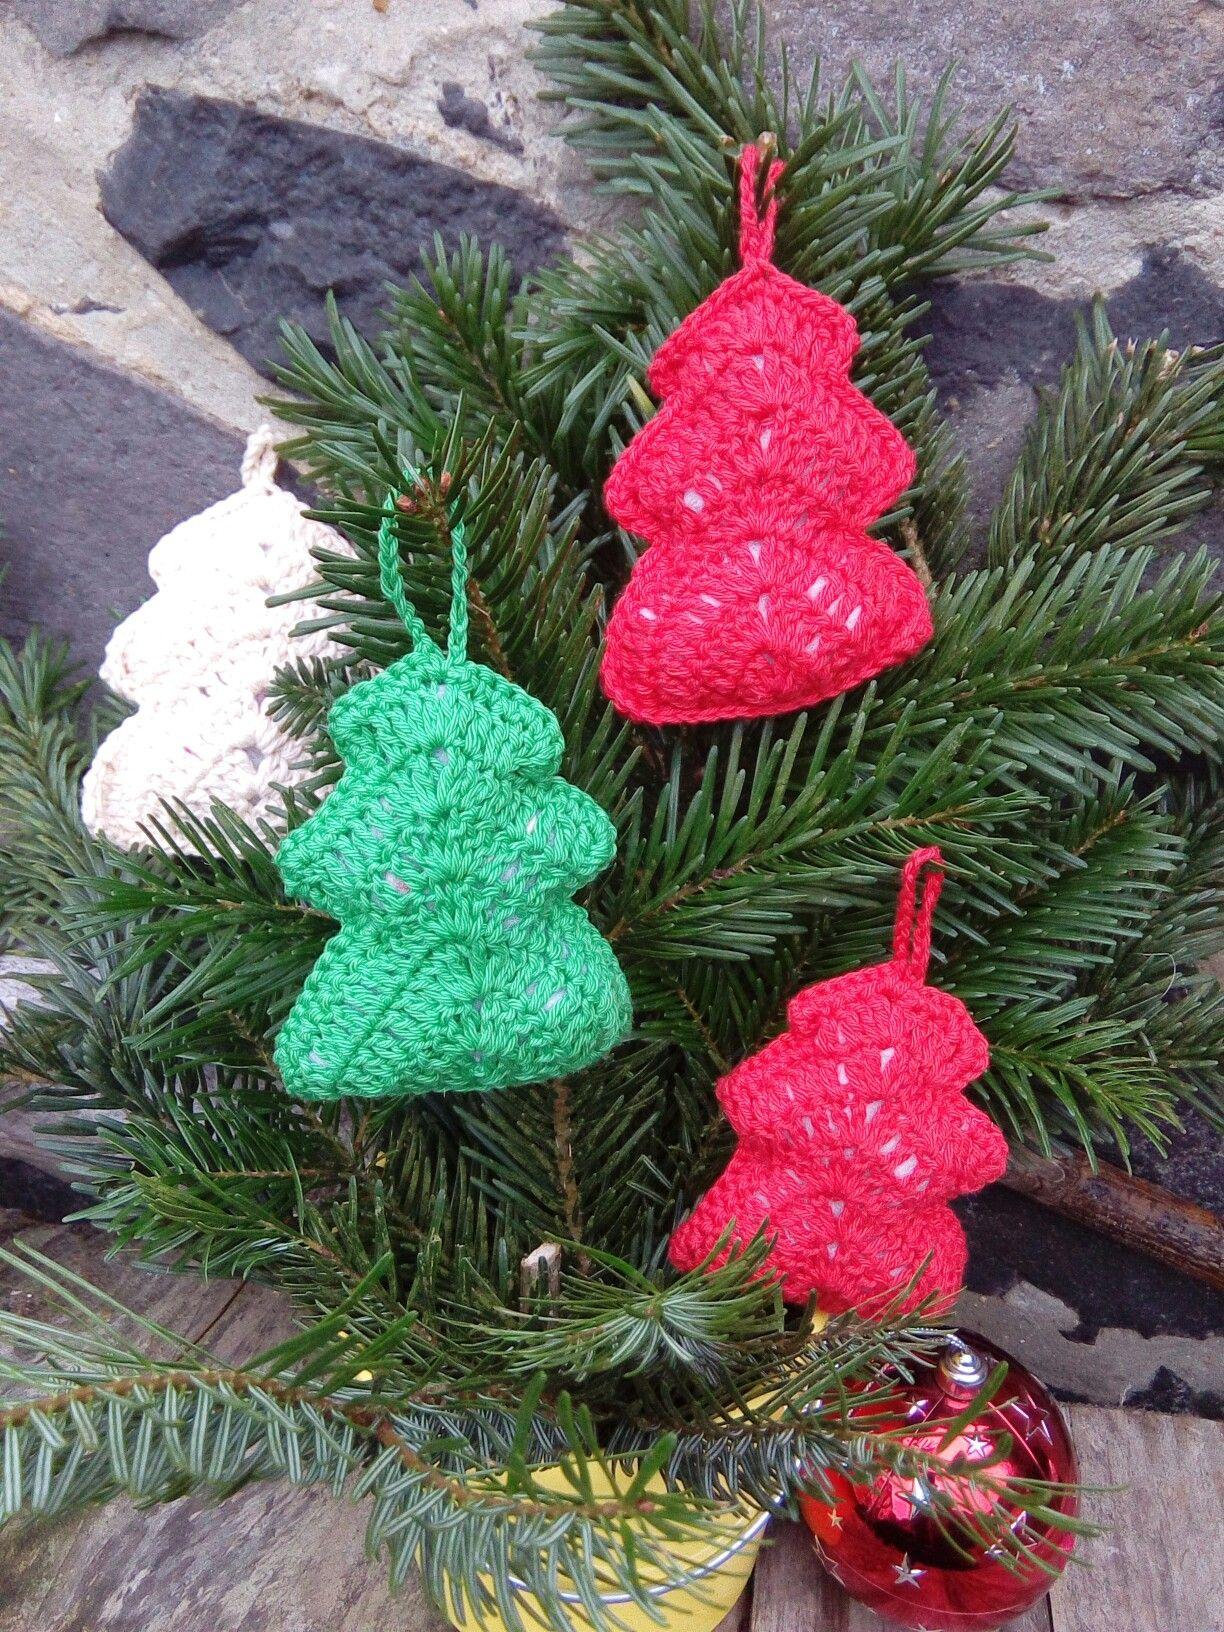 Tannenbäume Häkeln Weihnachten Häkeln Häkeln Für Weihnachten